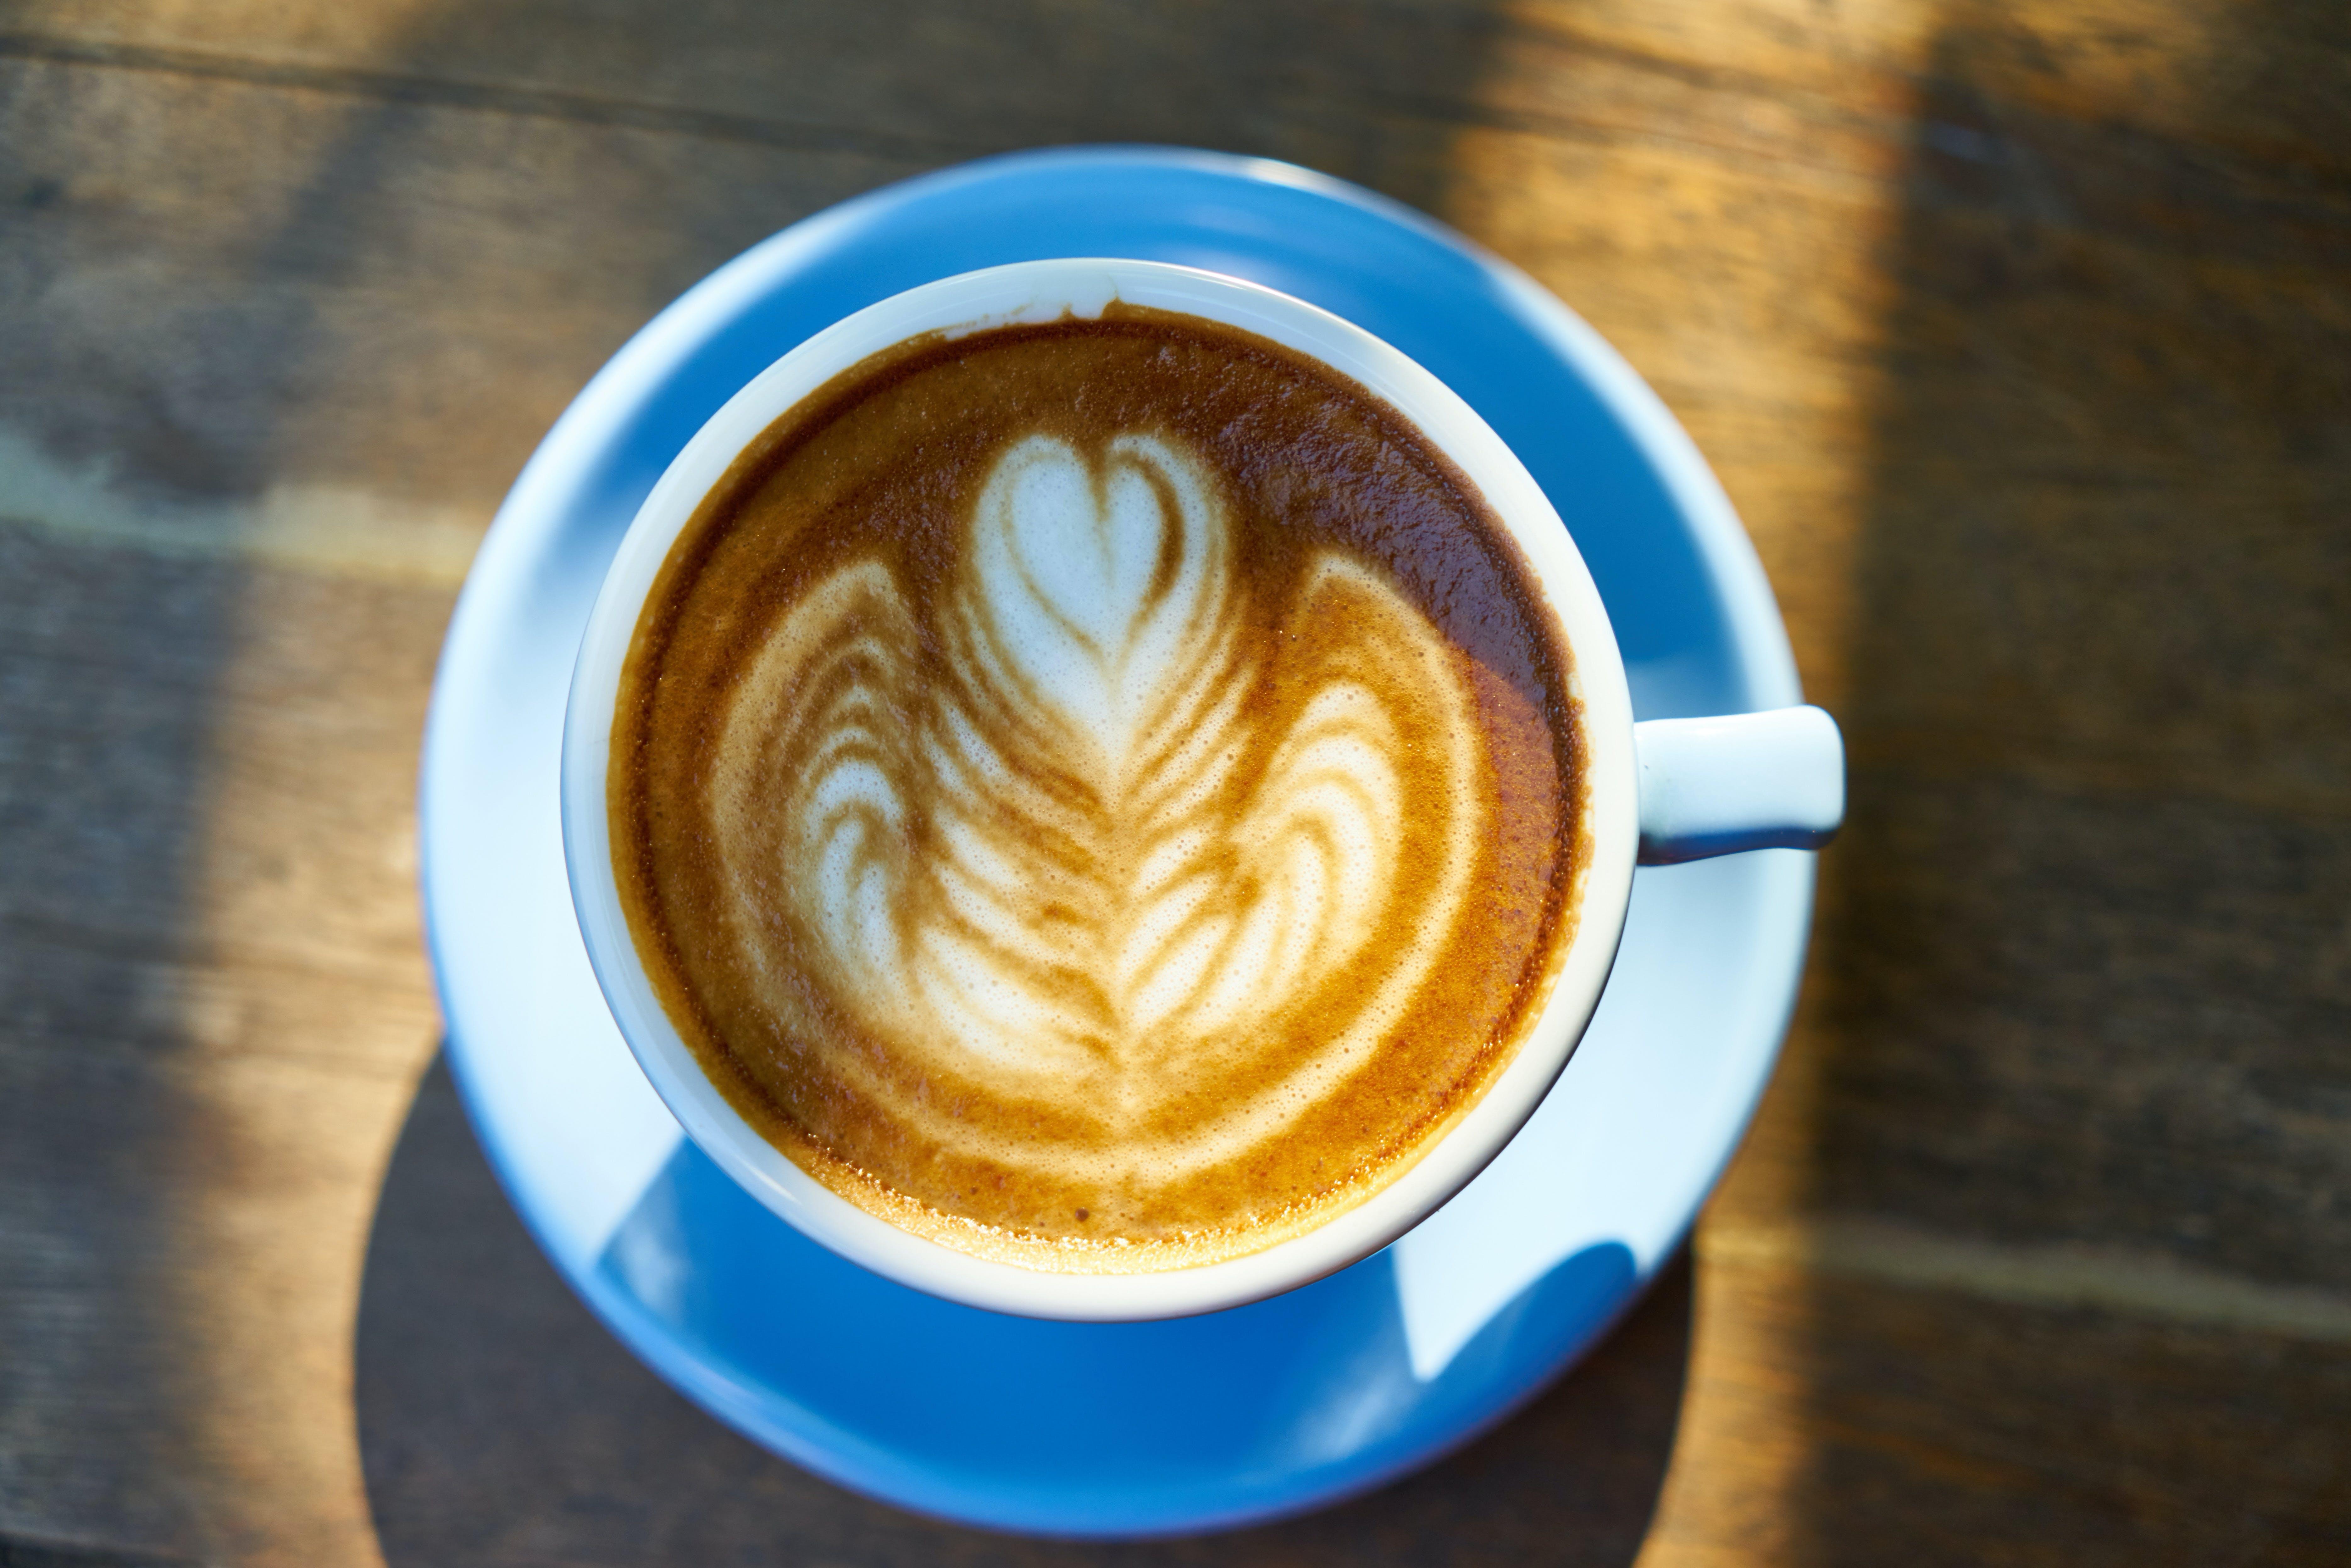 becher, braun, café